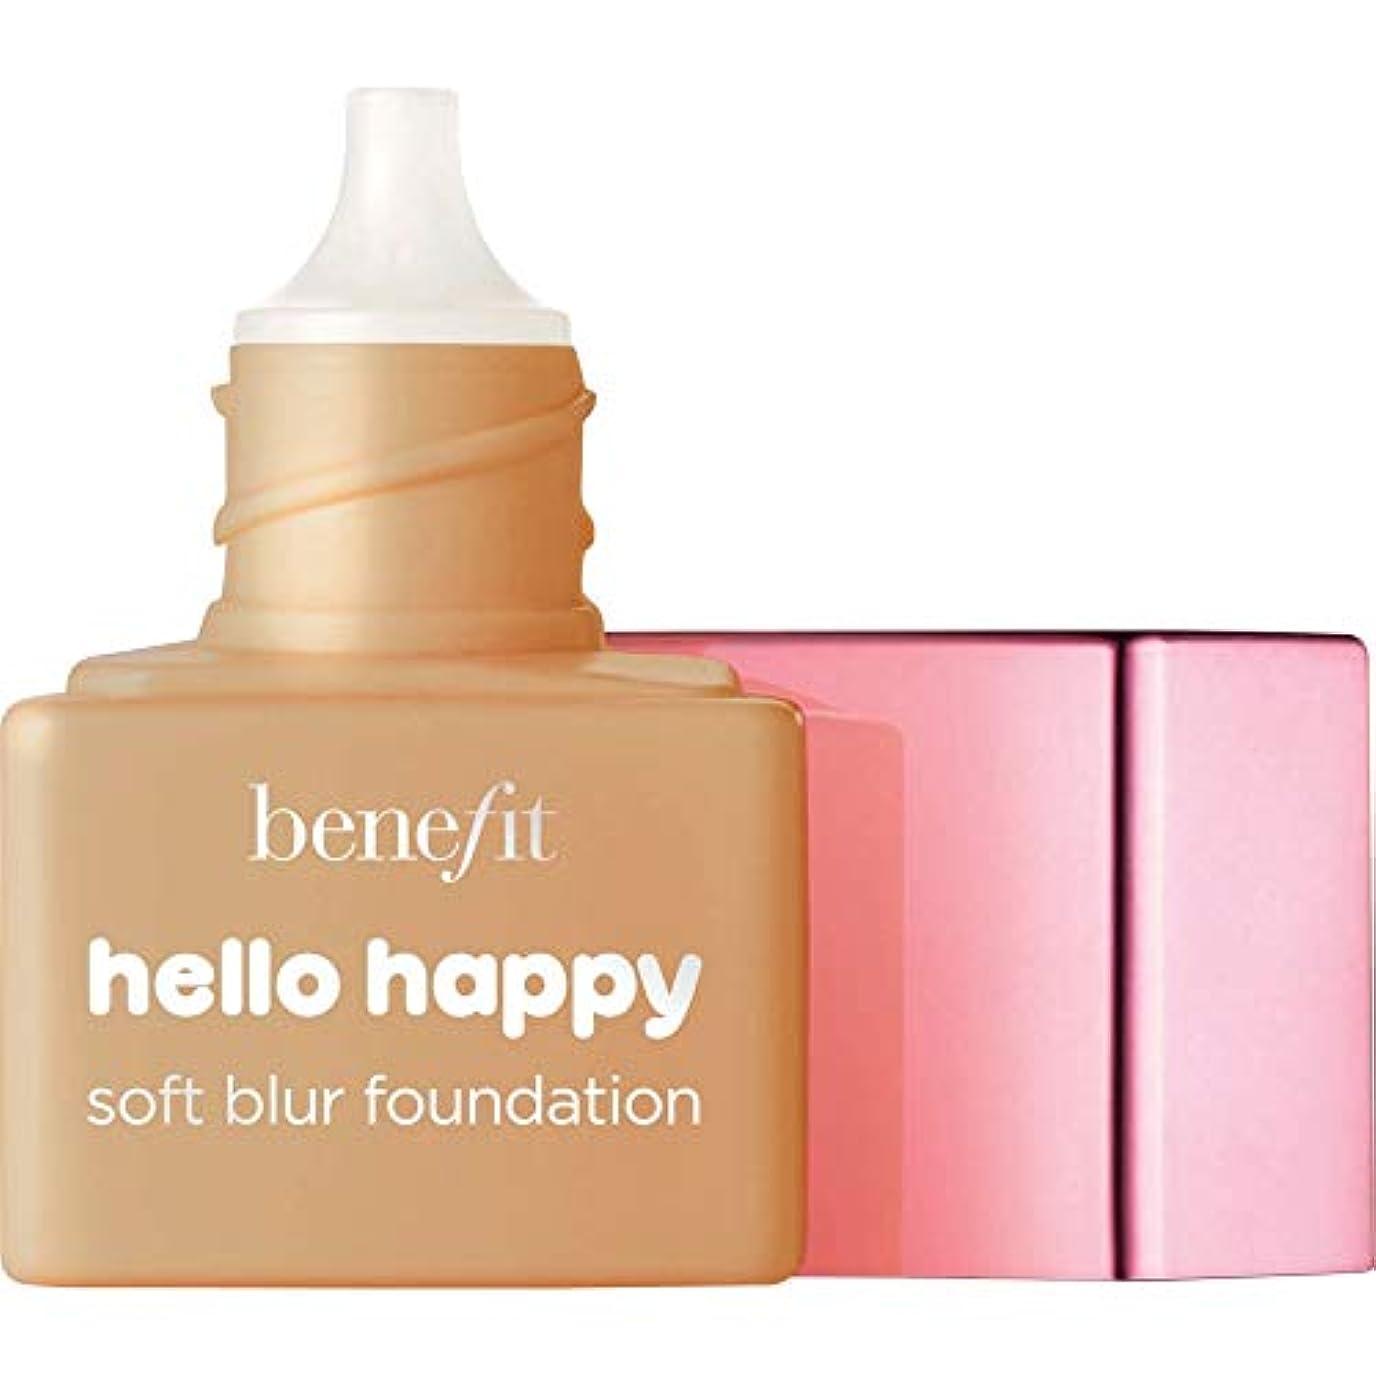 佐賀開示するストリーム[Benefit] ミニ6 - - こんにちは幸せソフトブラー基礎Spf15の6ミリリットルの利益温培地 - Benefit Hello Happy Soft Blur Foundation SPF15 6ml - Mini 6 - Medium Warm [並行輸入品]